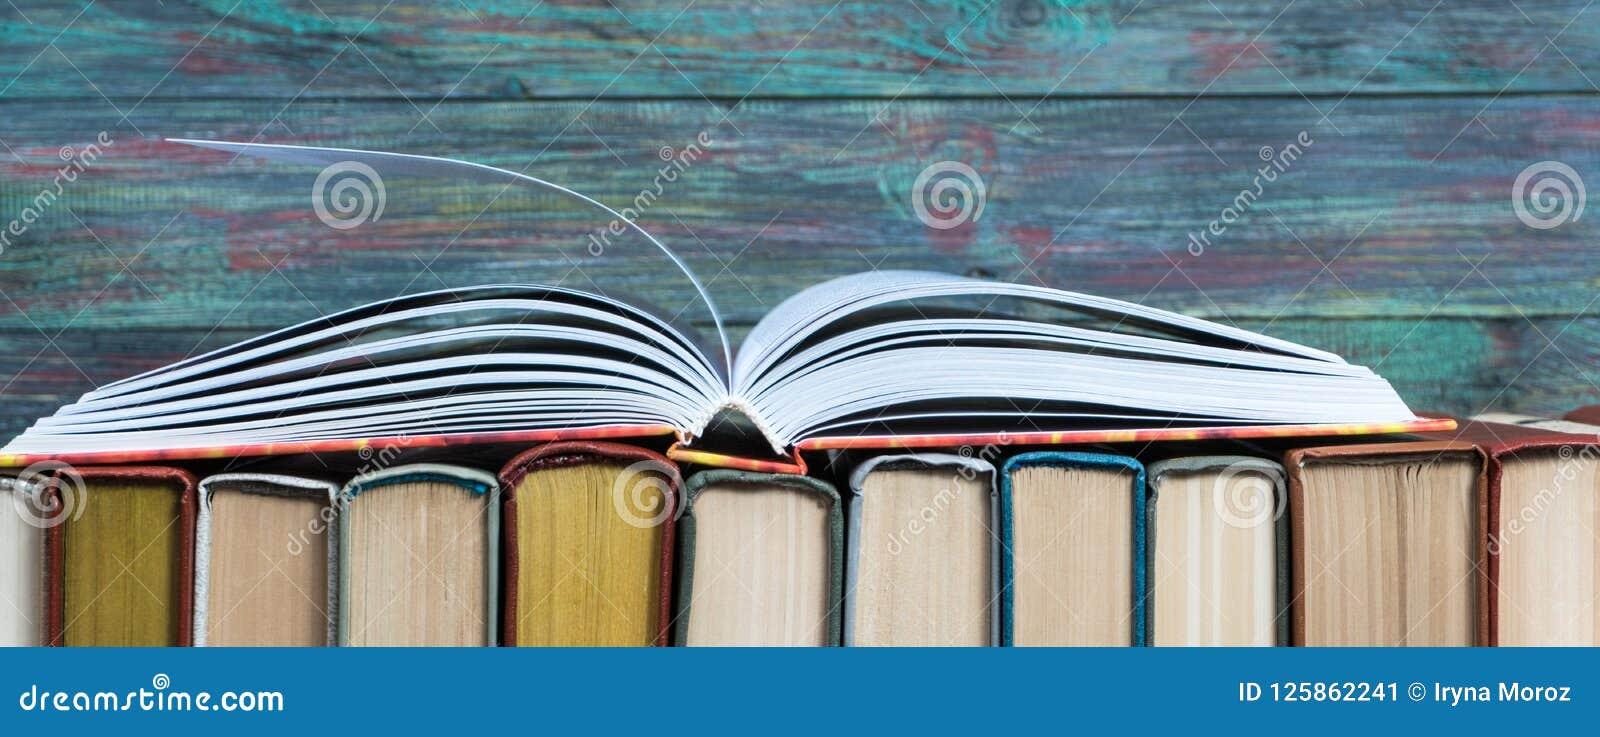 Раскройте hardback книги на книгах стога